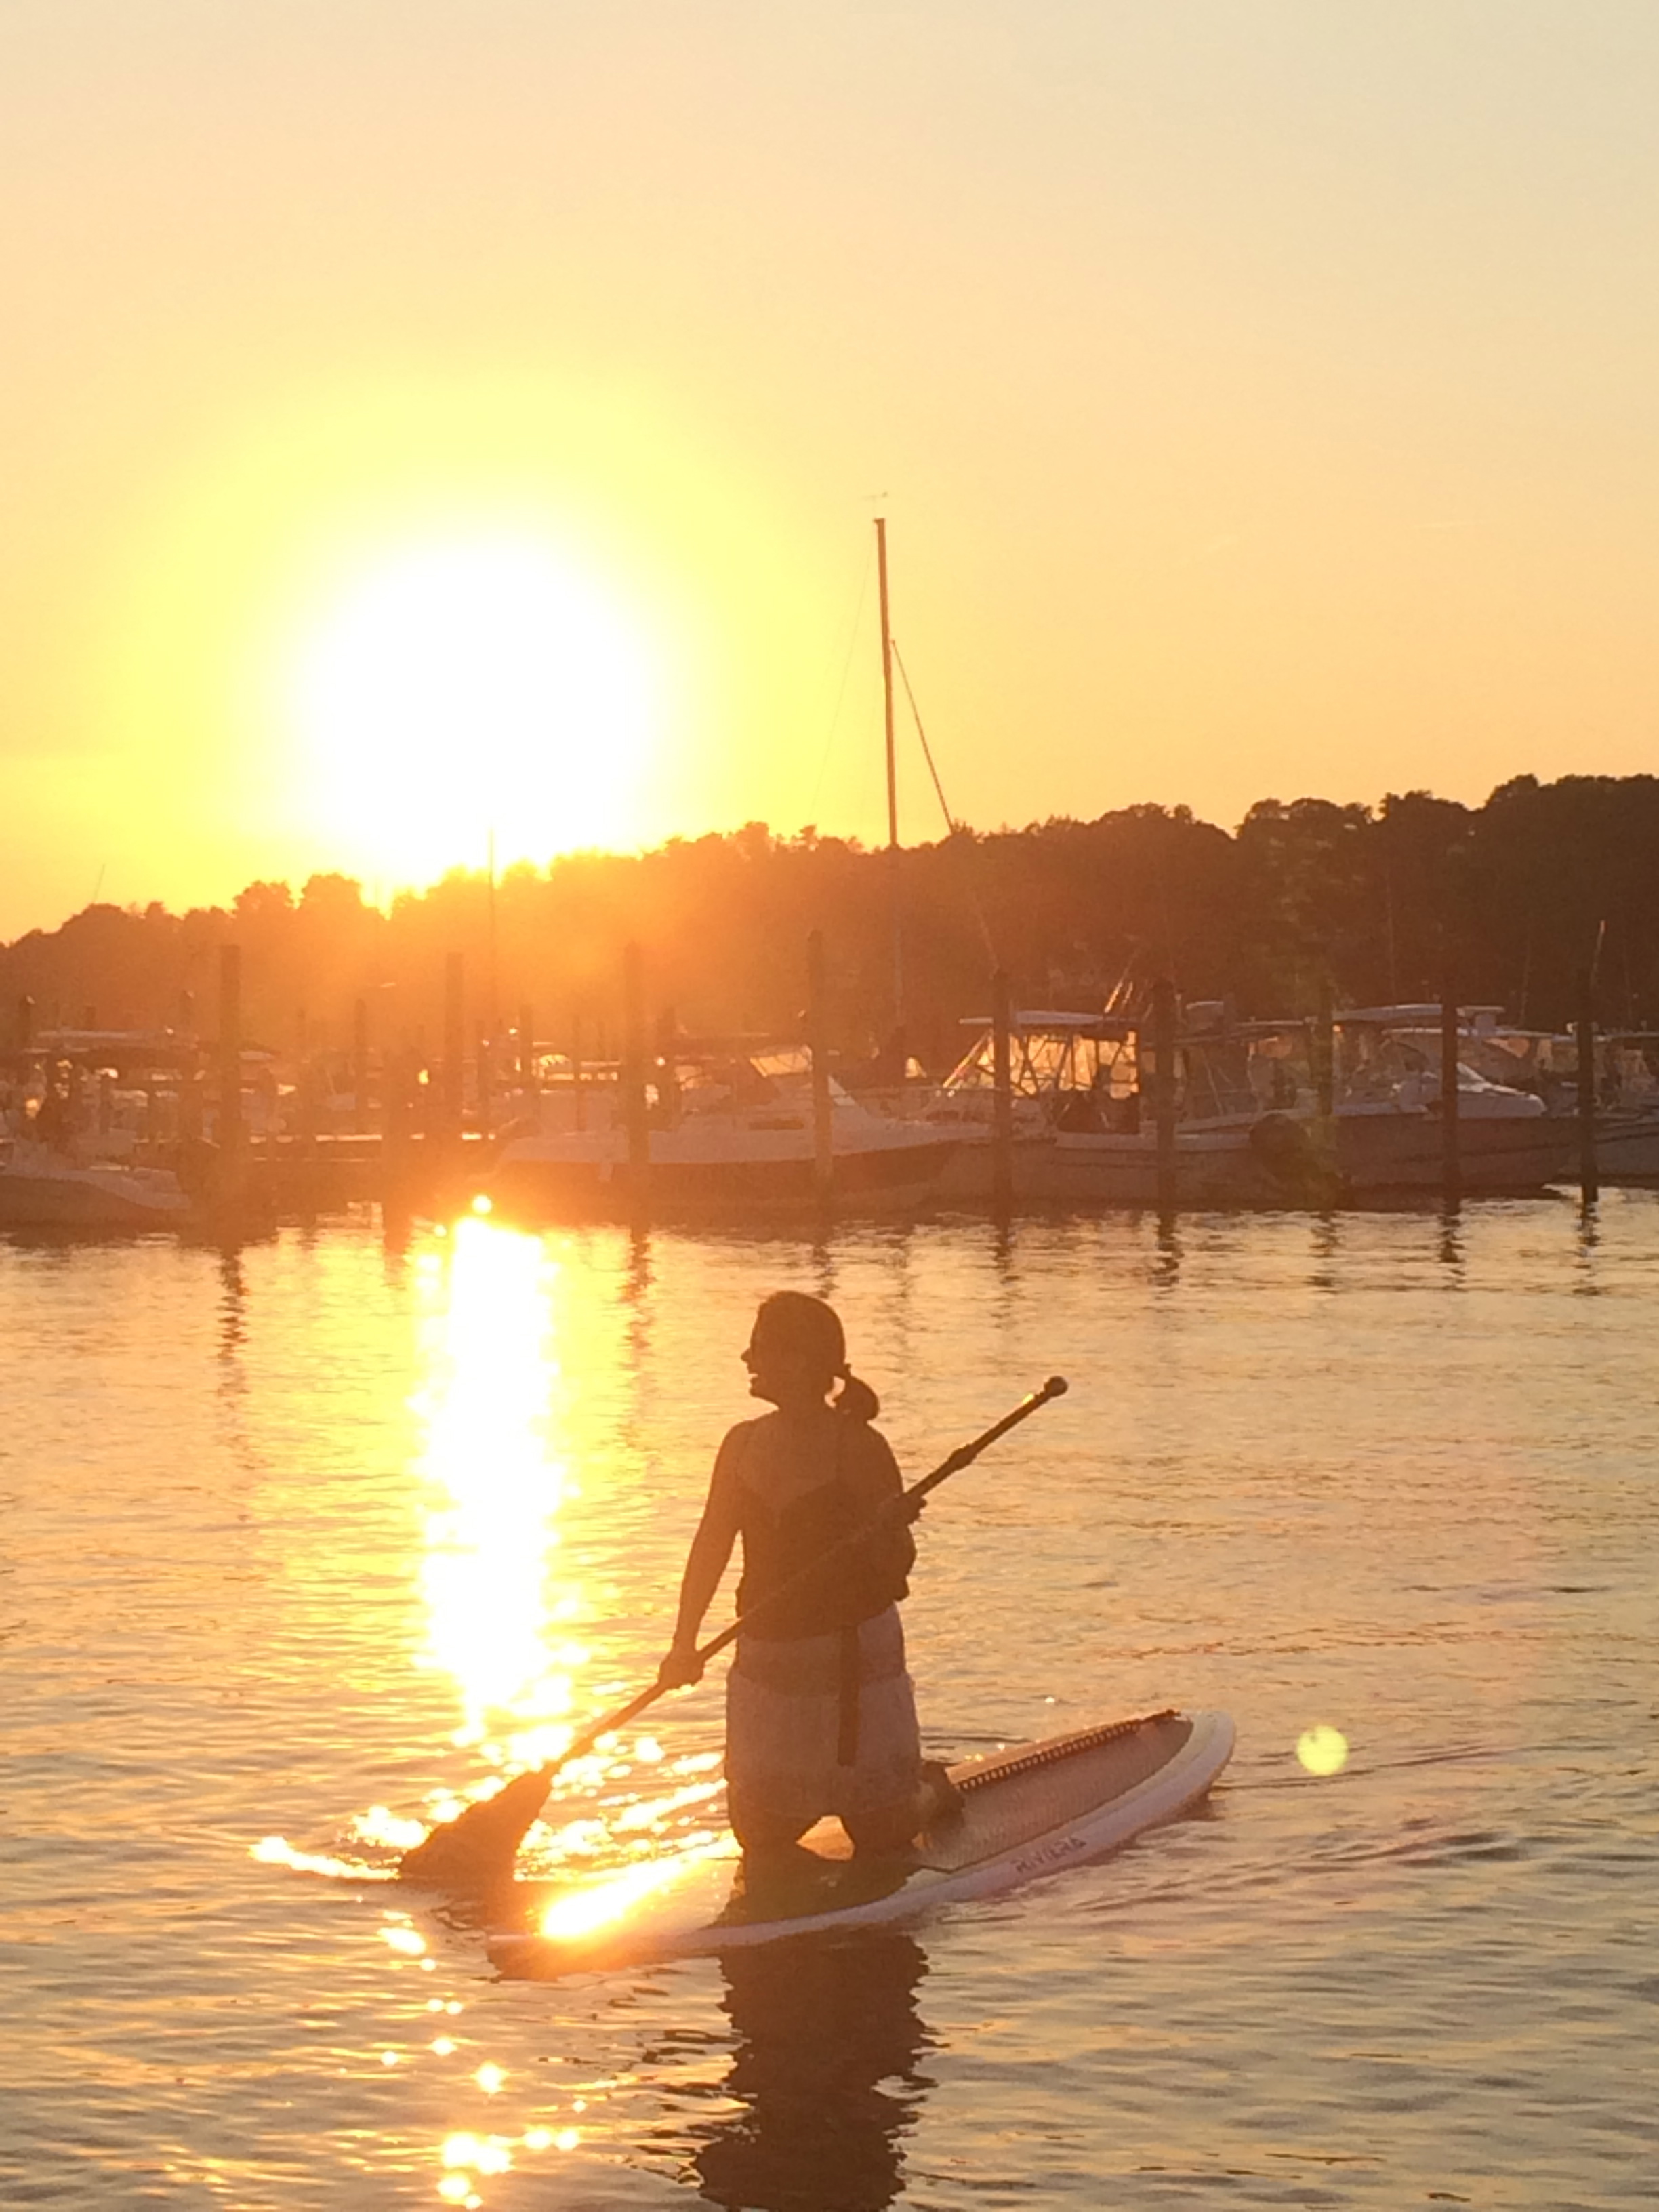 Sunset Paddle. Wow!